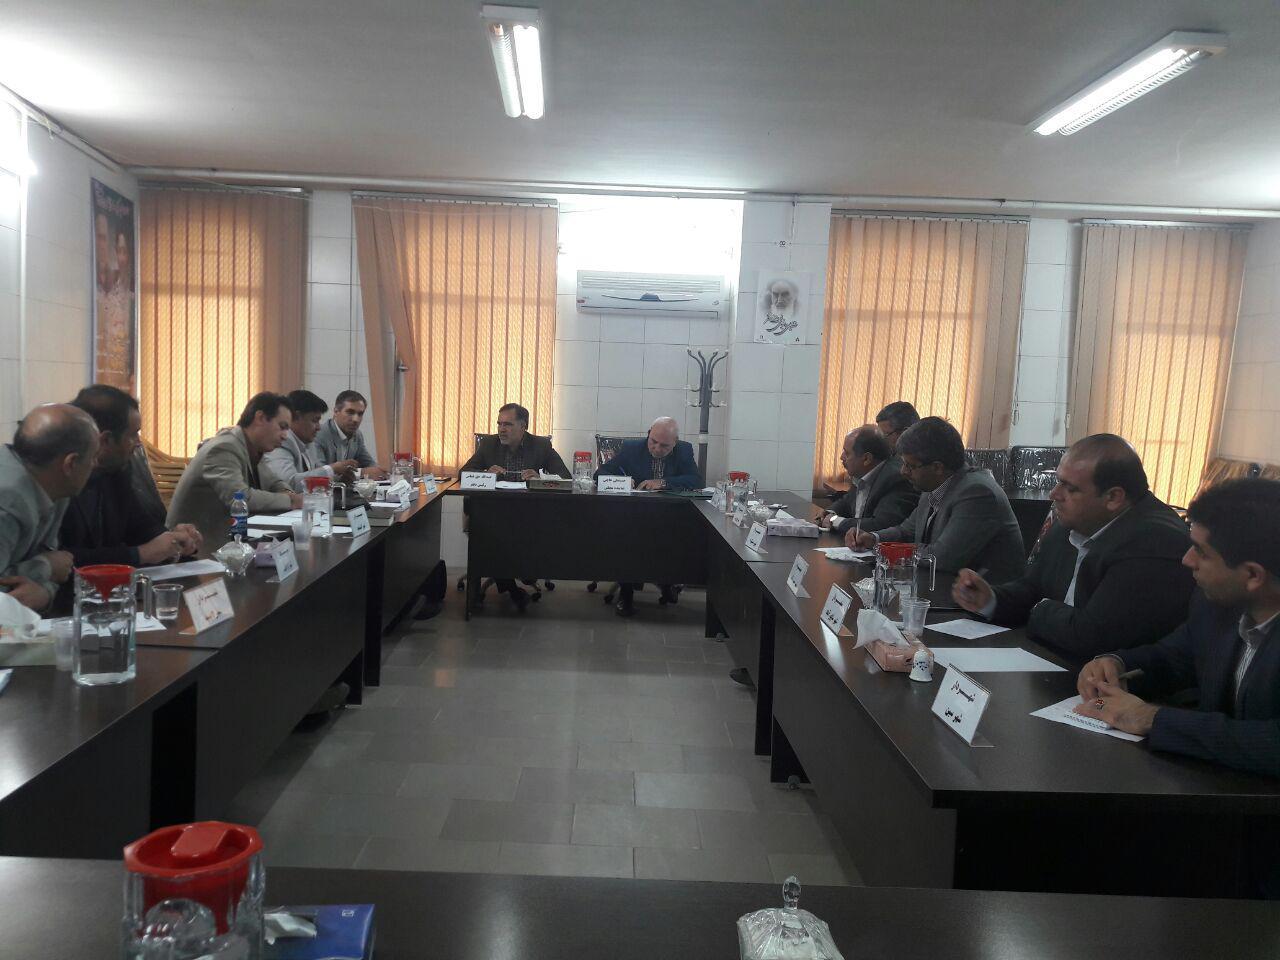 جلسه مشترک نماینده مردم شریف شاهین شهر و میمه و برخوار با شهرداران دو شهرستان